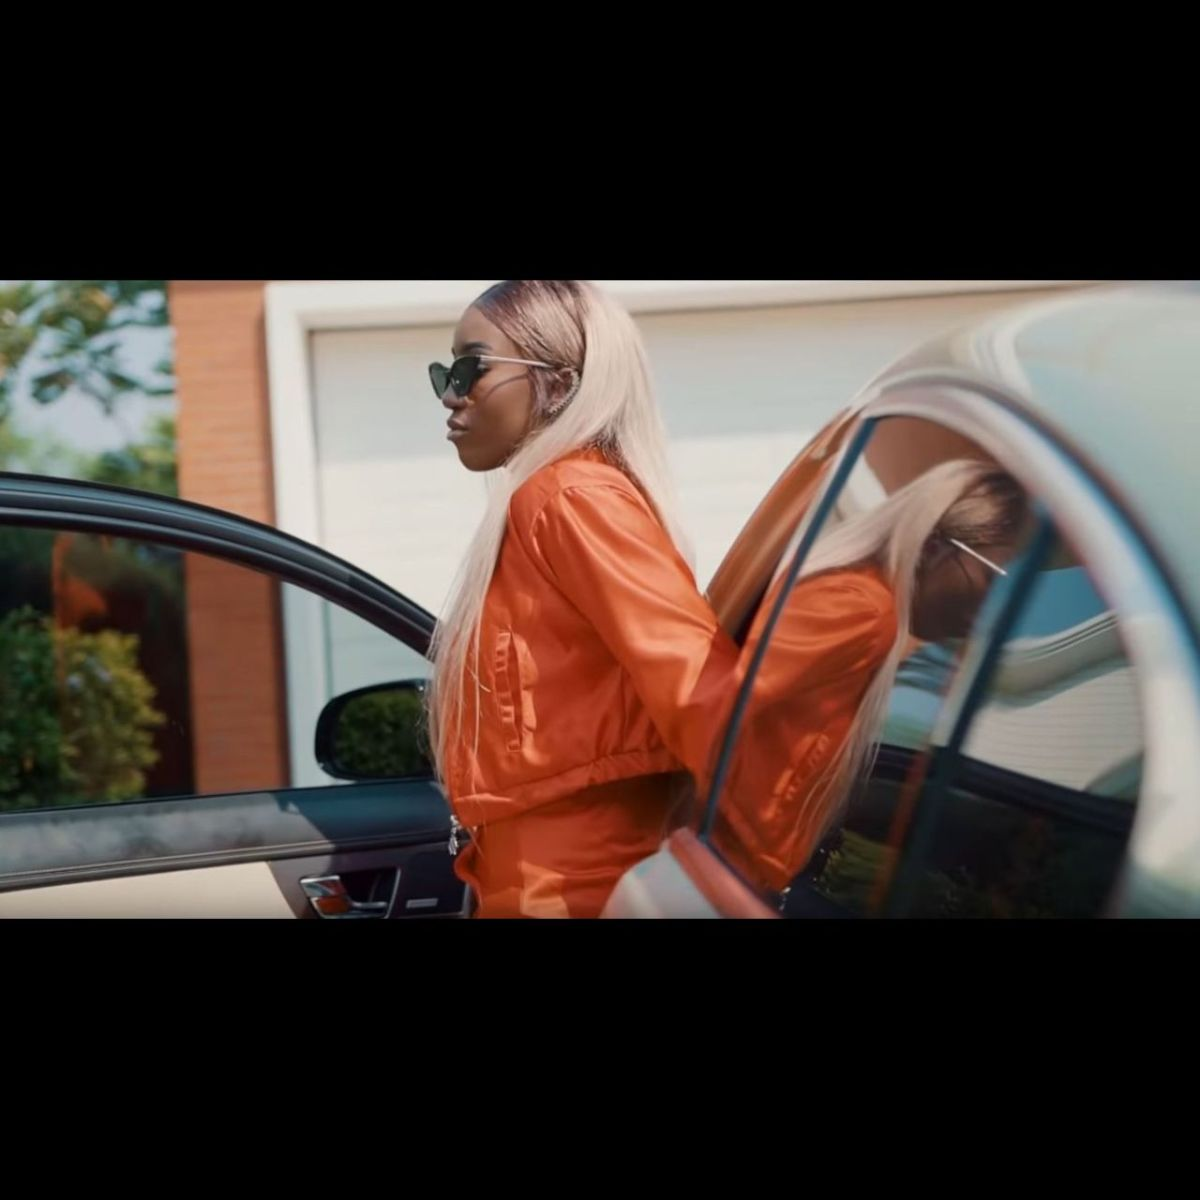 Dream Boyz - Cuiar assim (ft. Arieth Feijó) (Thumbnail)